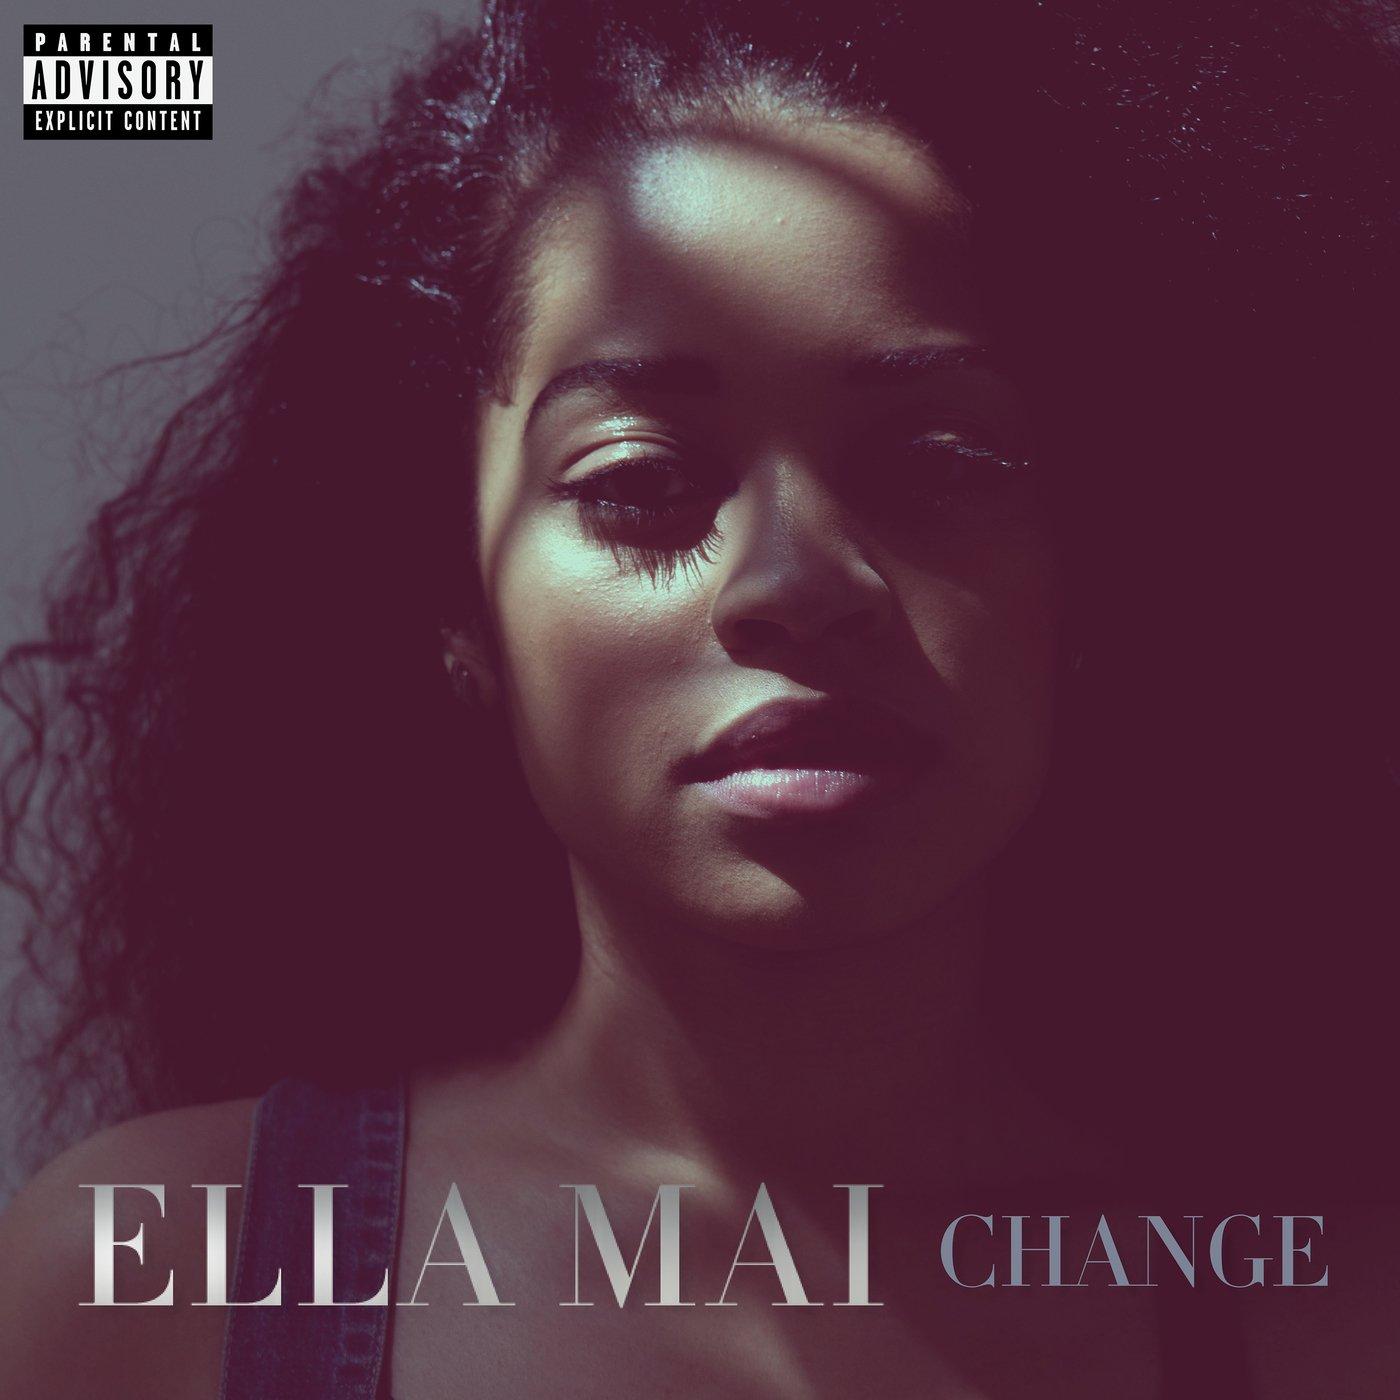 ella-mai-change-ep-cover